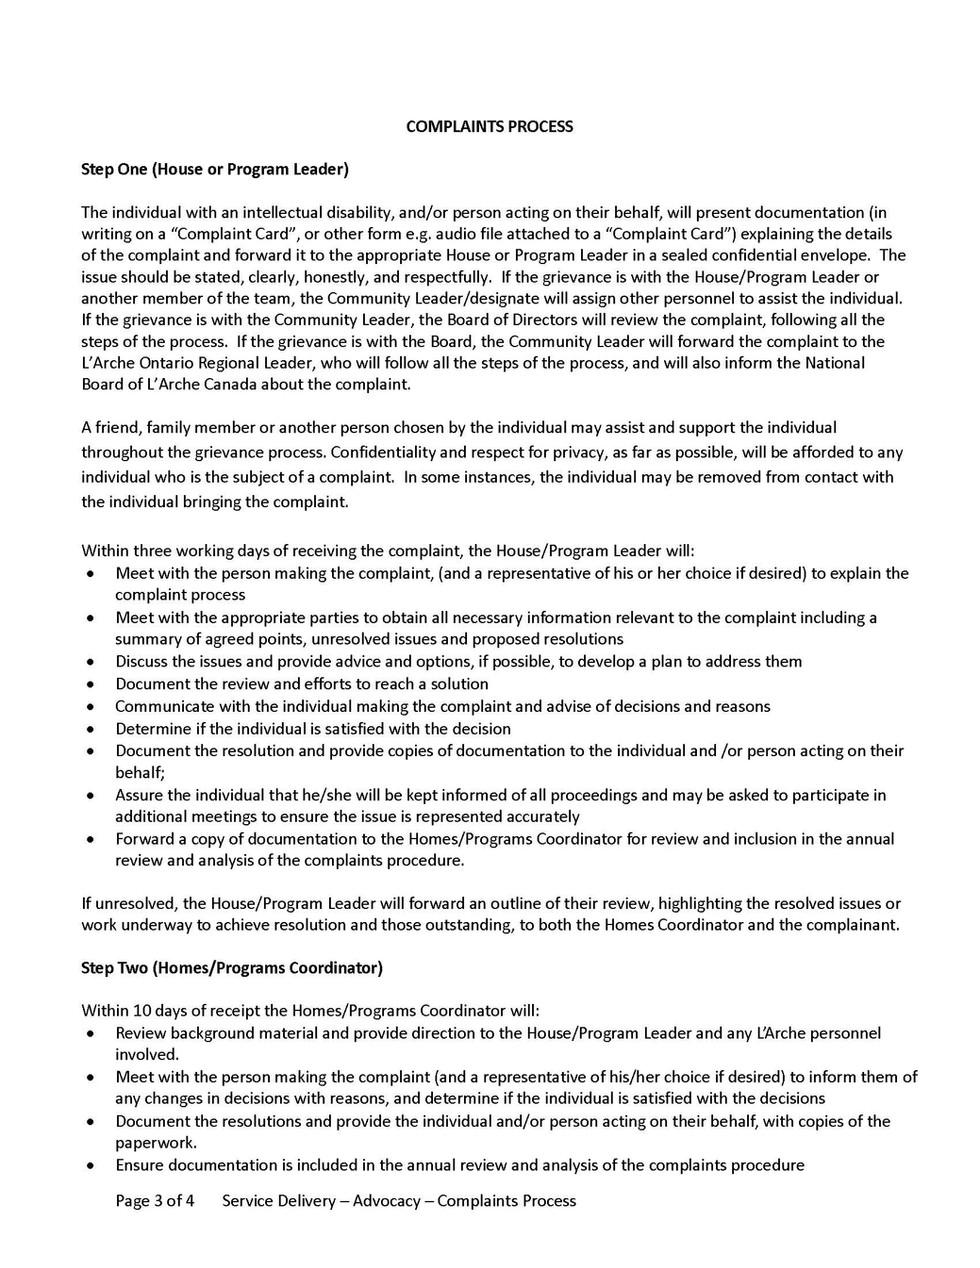 B1 - Advocacy  - Complaints Process_Page